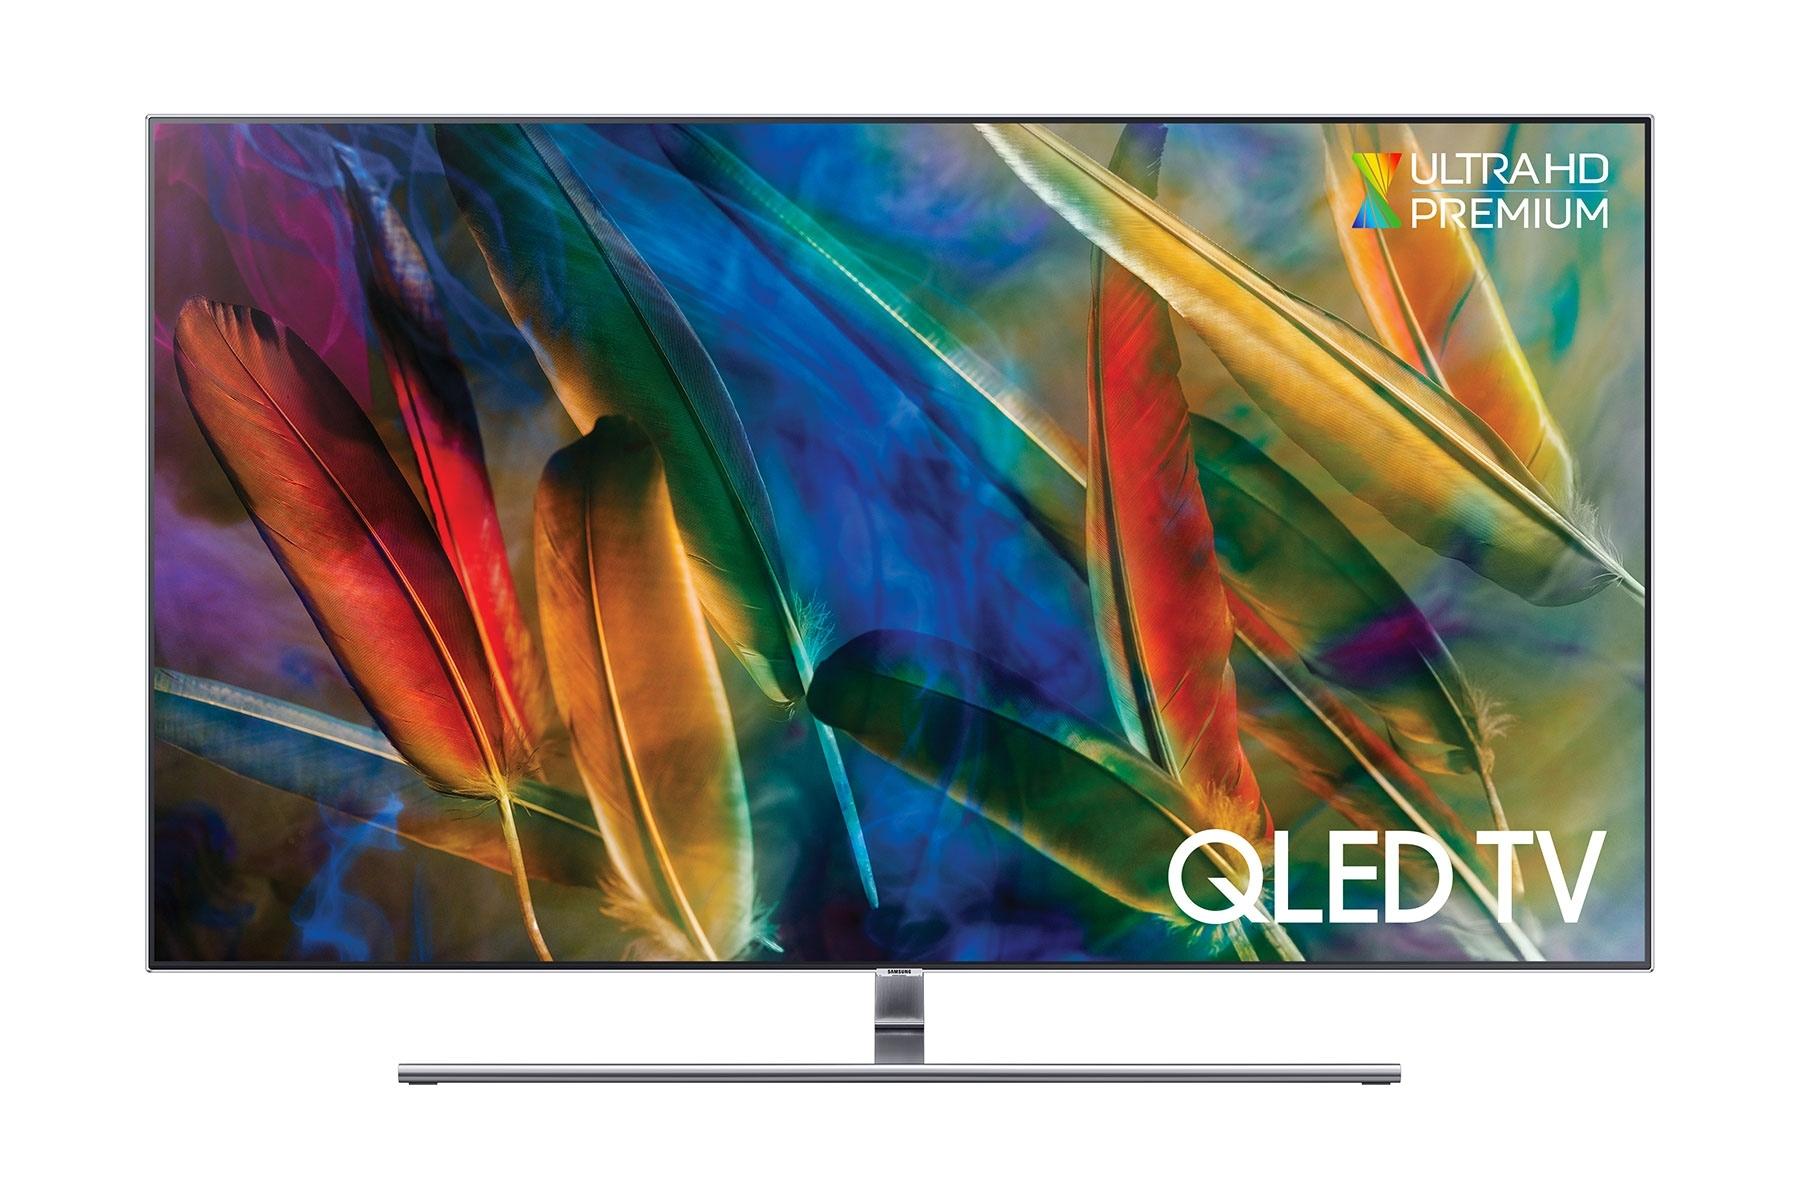 QLED TV Q-Serie QE55Q8F